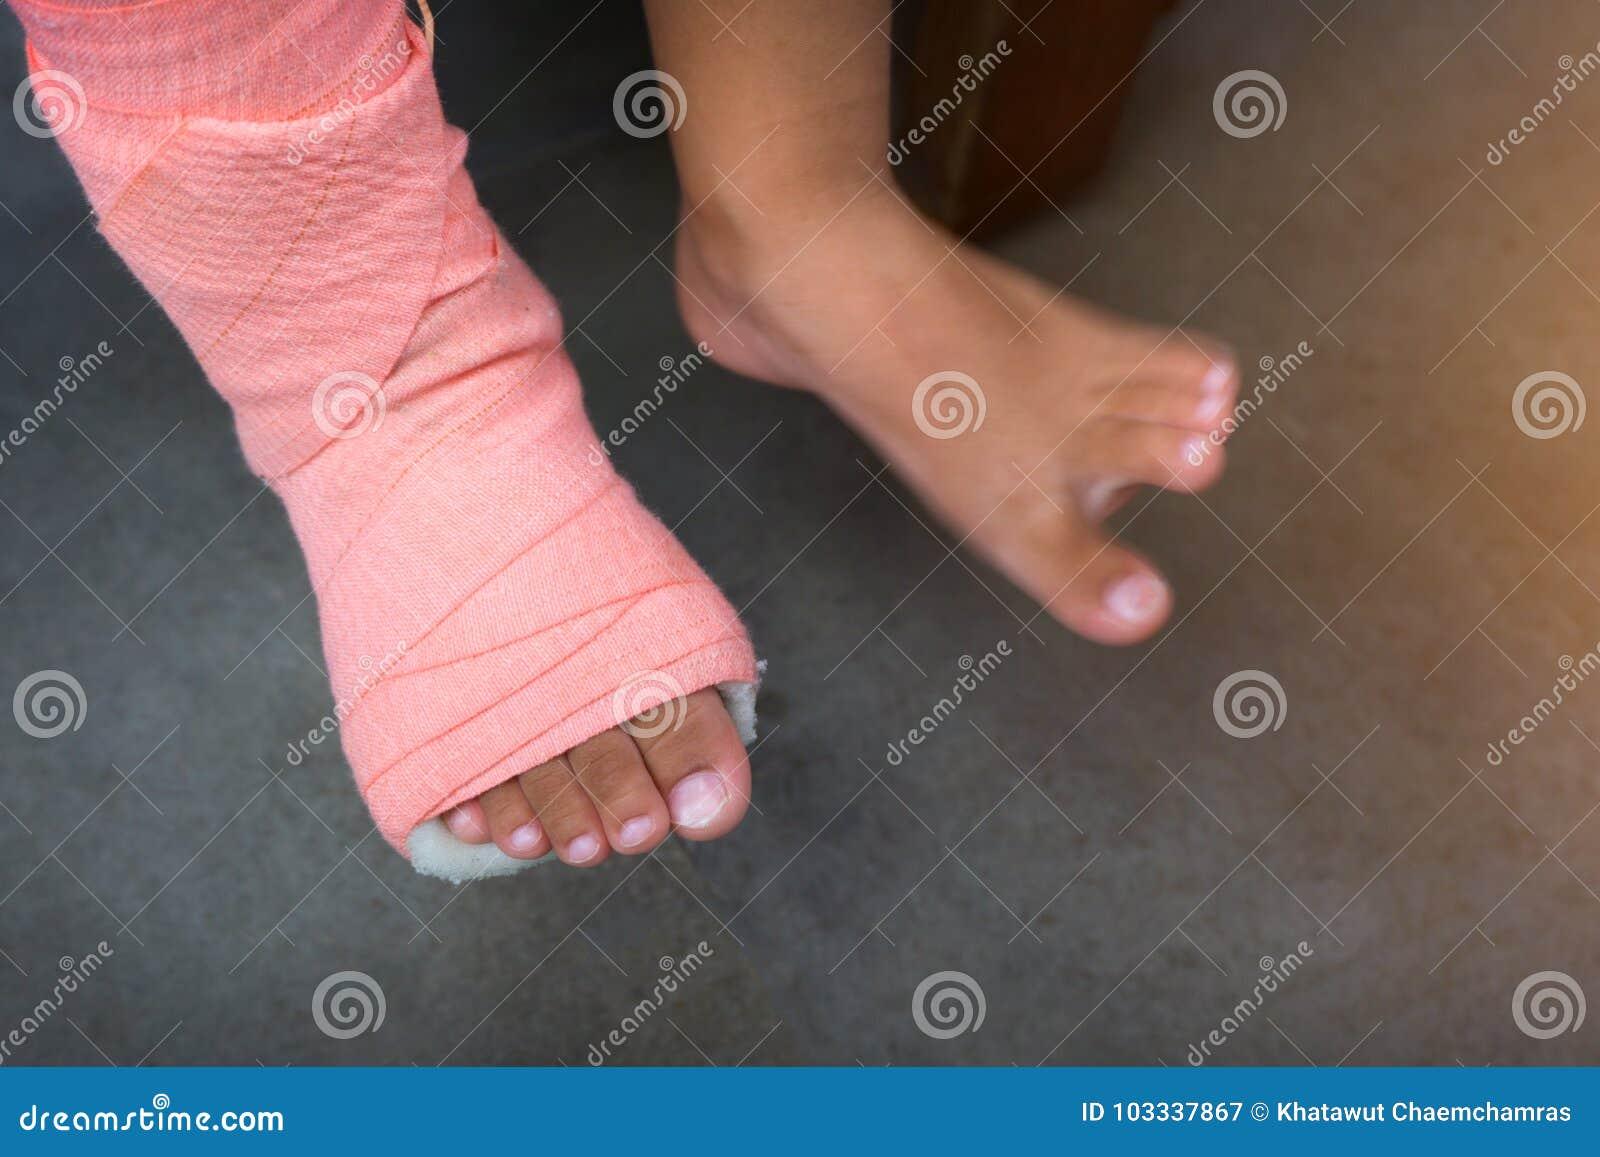 Kinder, Die Eine Schiene Des Beines Gebrochen Von Der